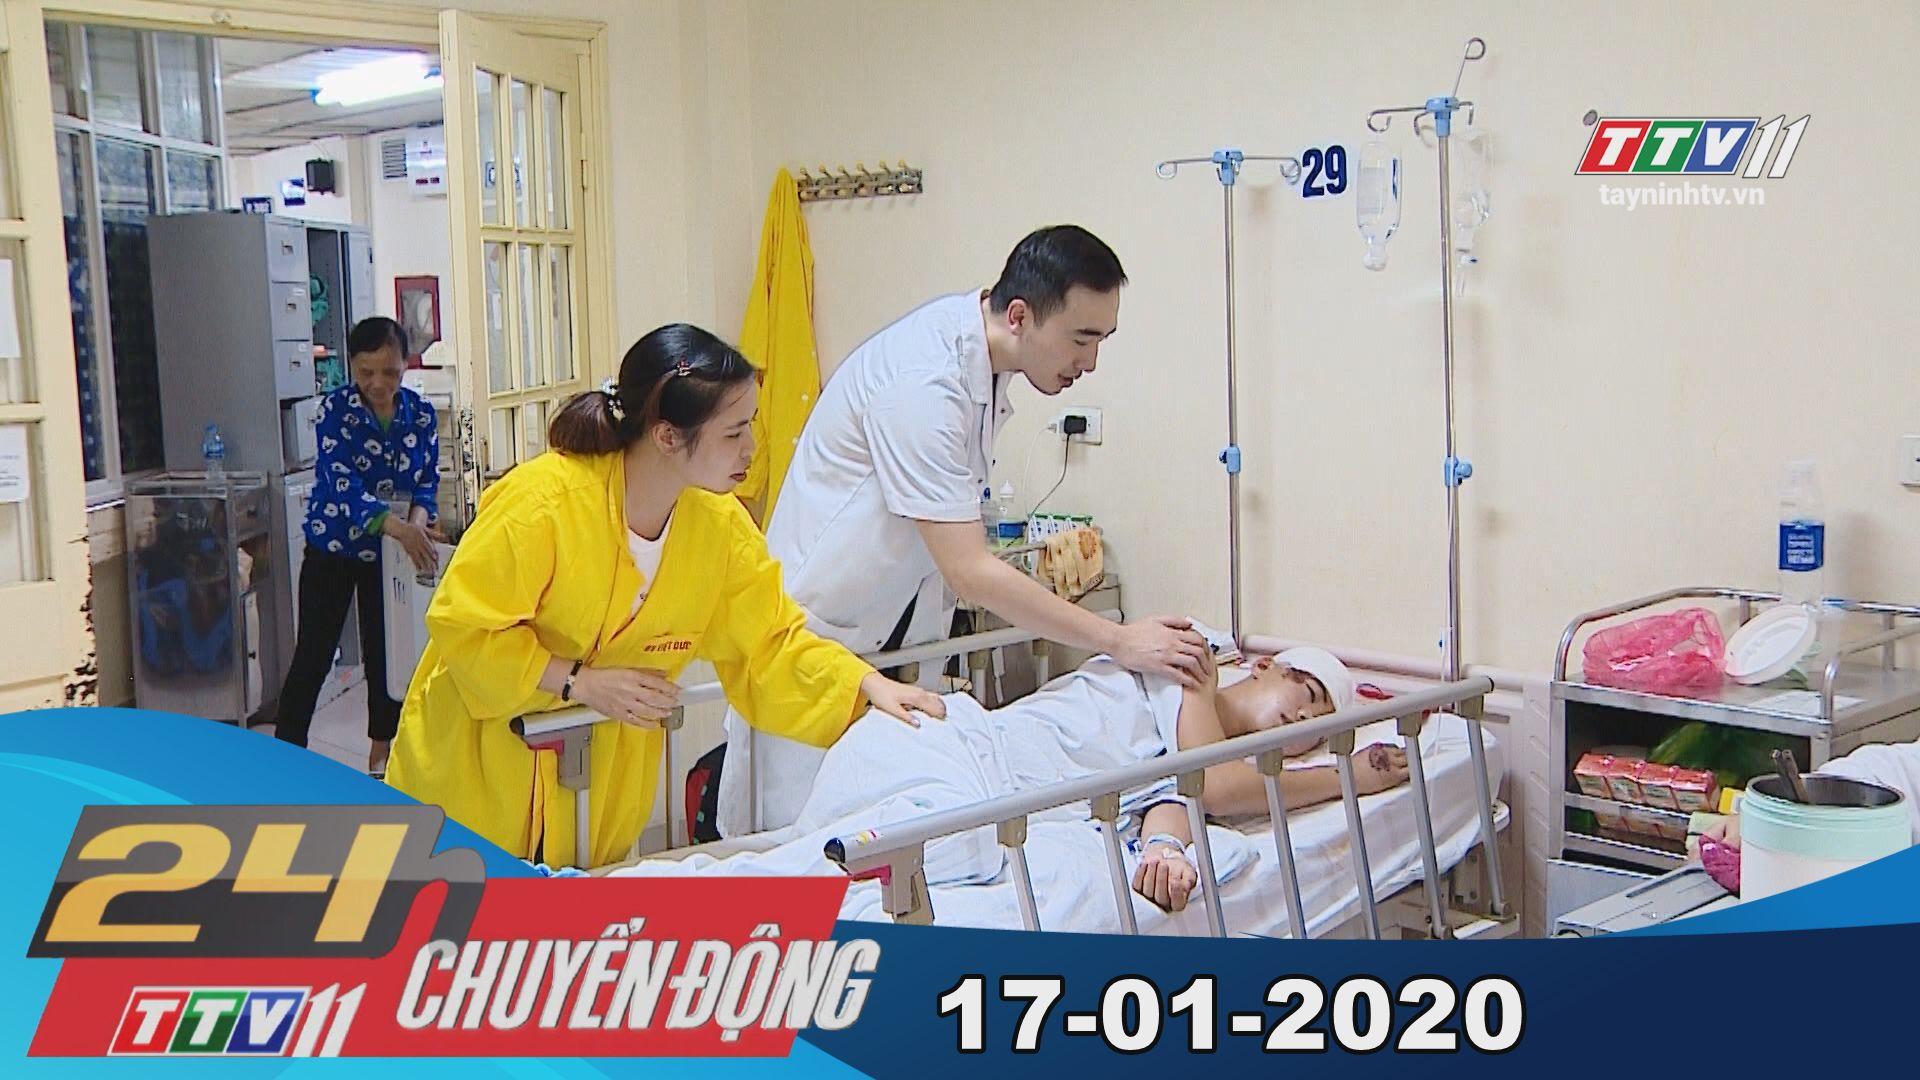 24h Chuyển động 17-01-2020 | Tin tức hôm nay | TayNinhTV